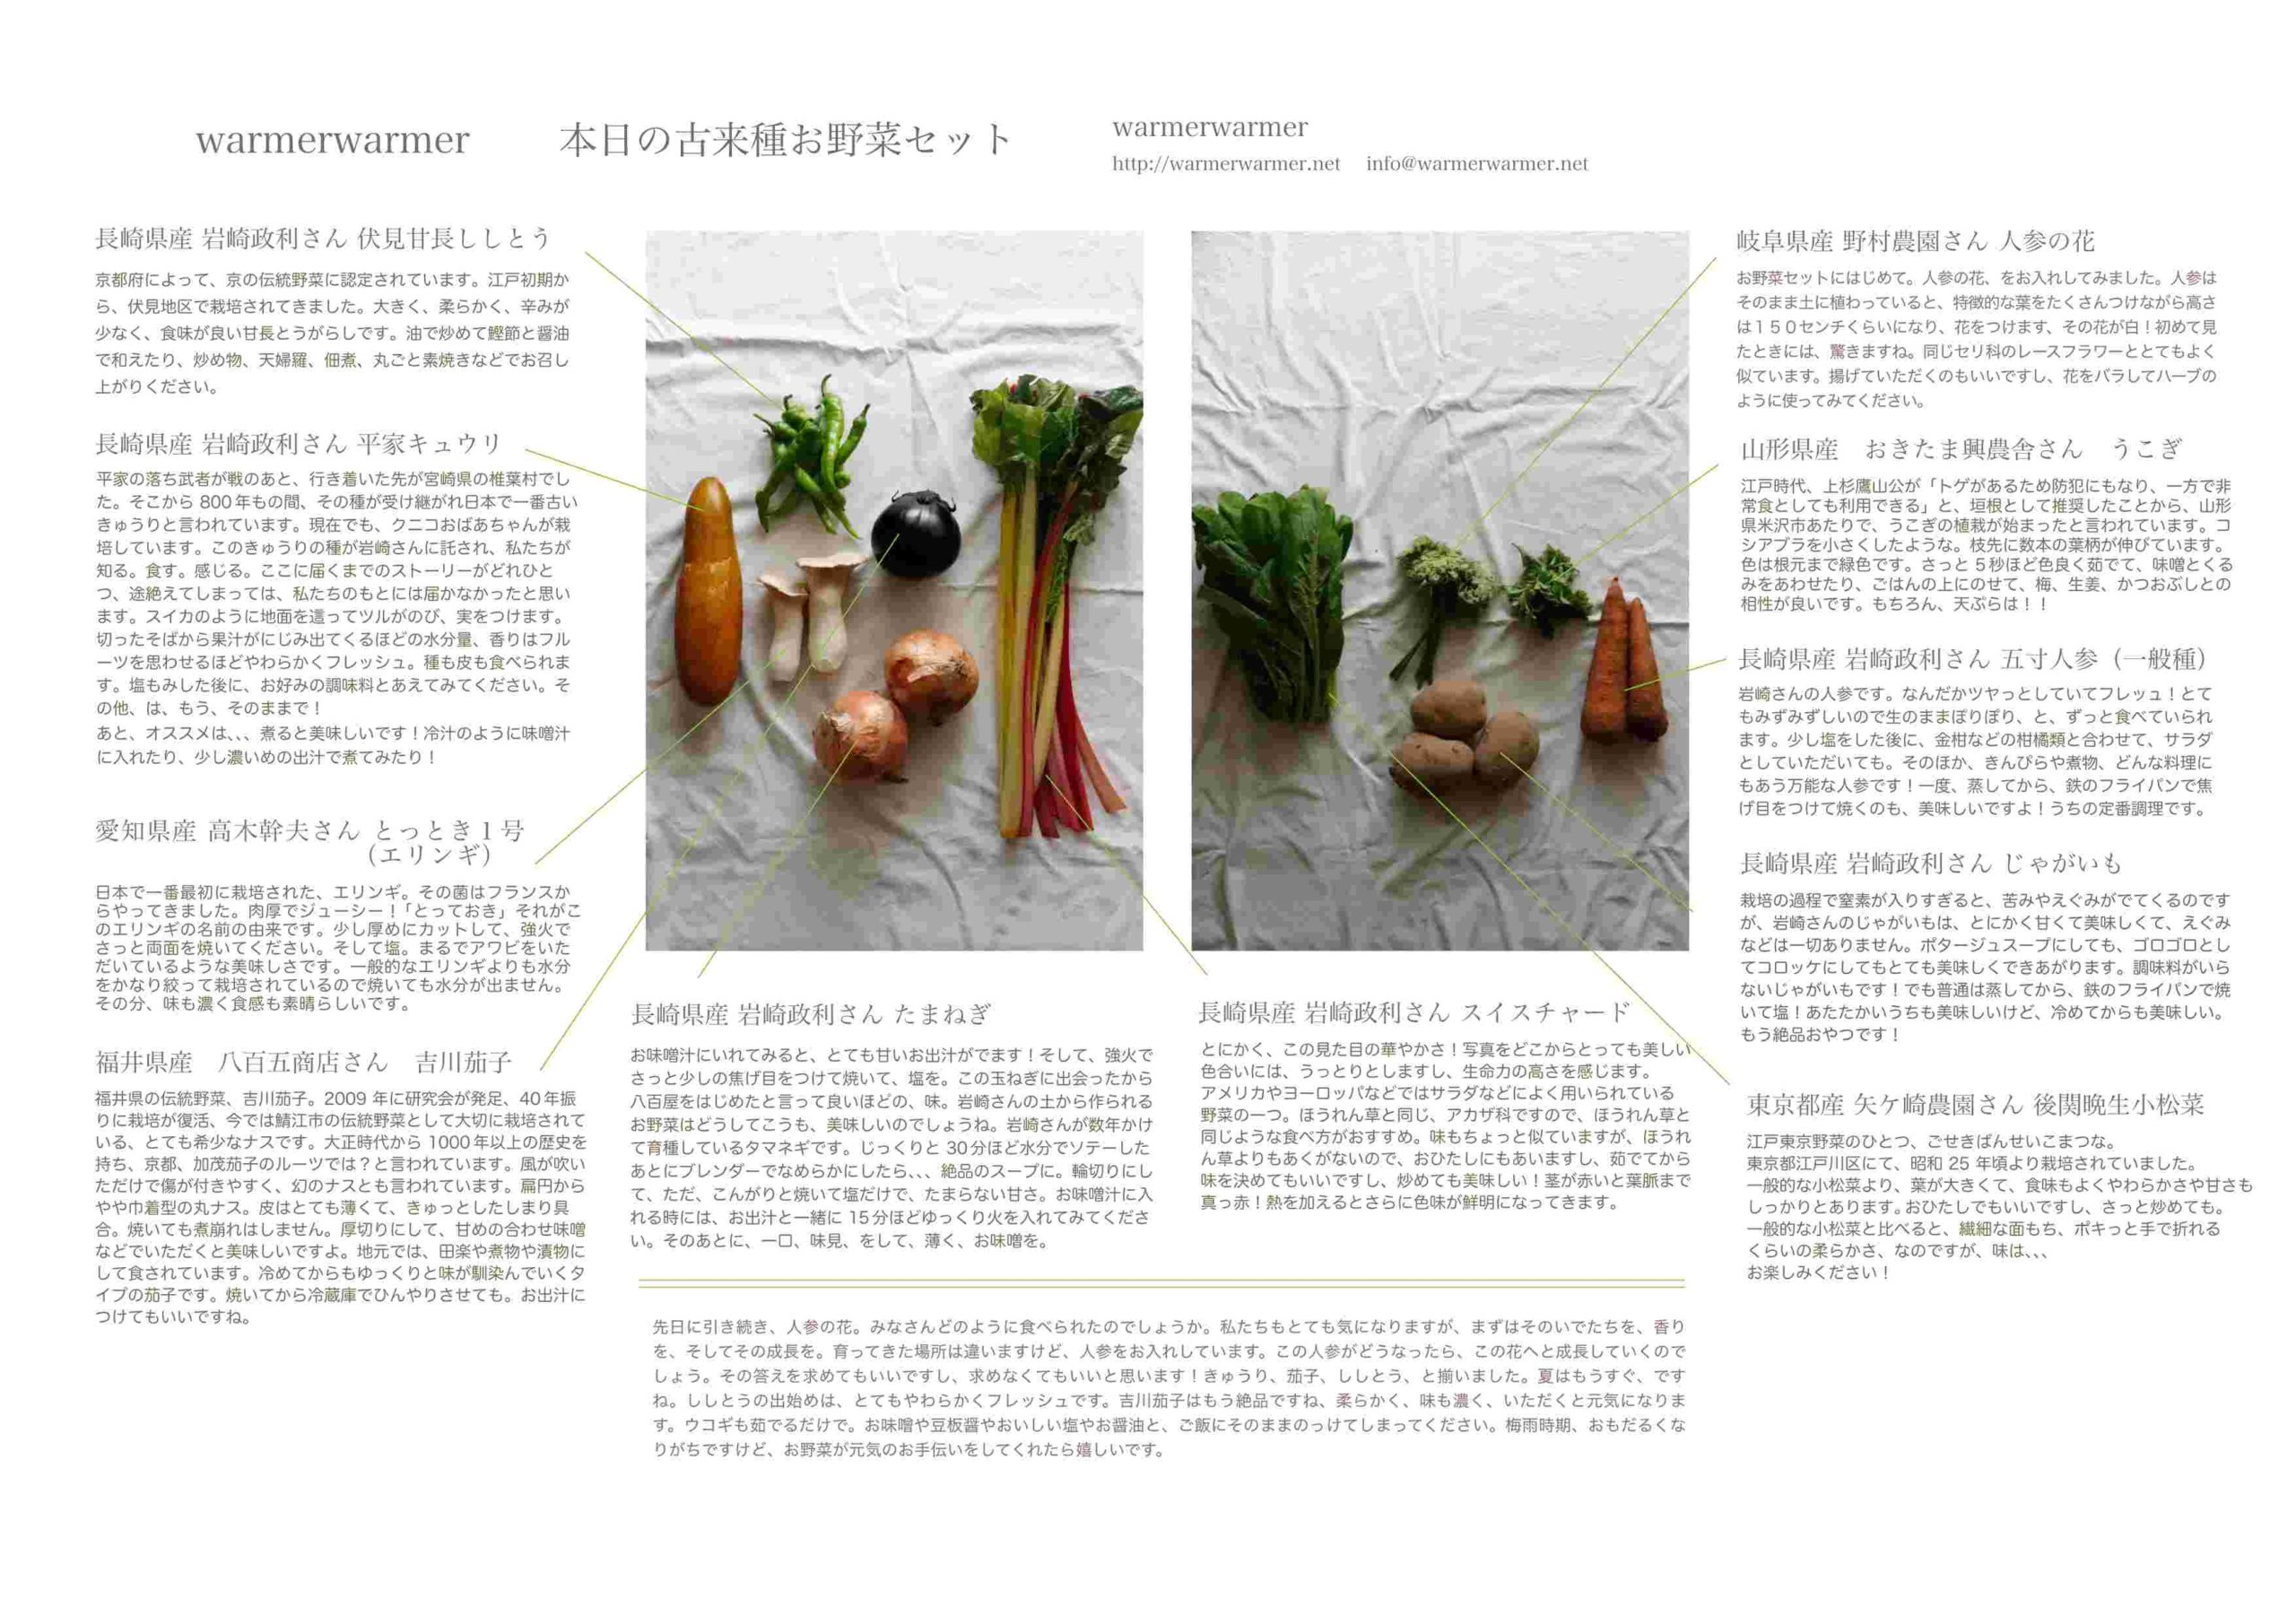 7月2日 本日のお野菜セットの内容です